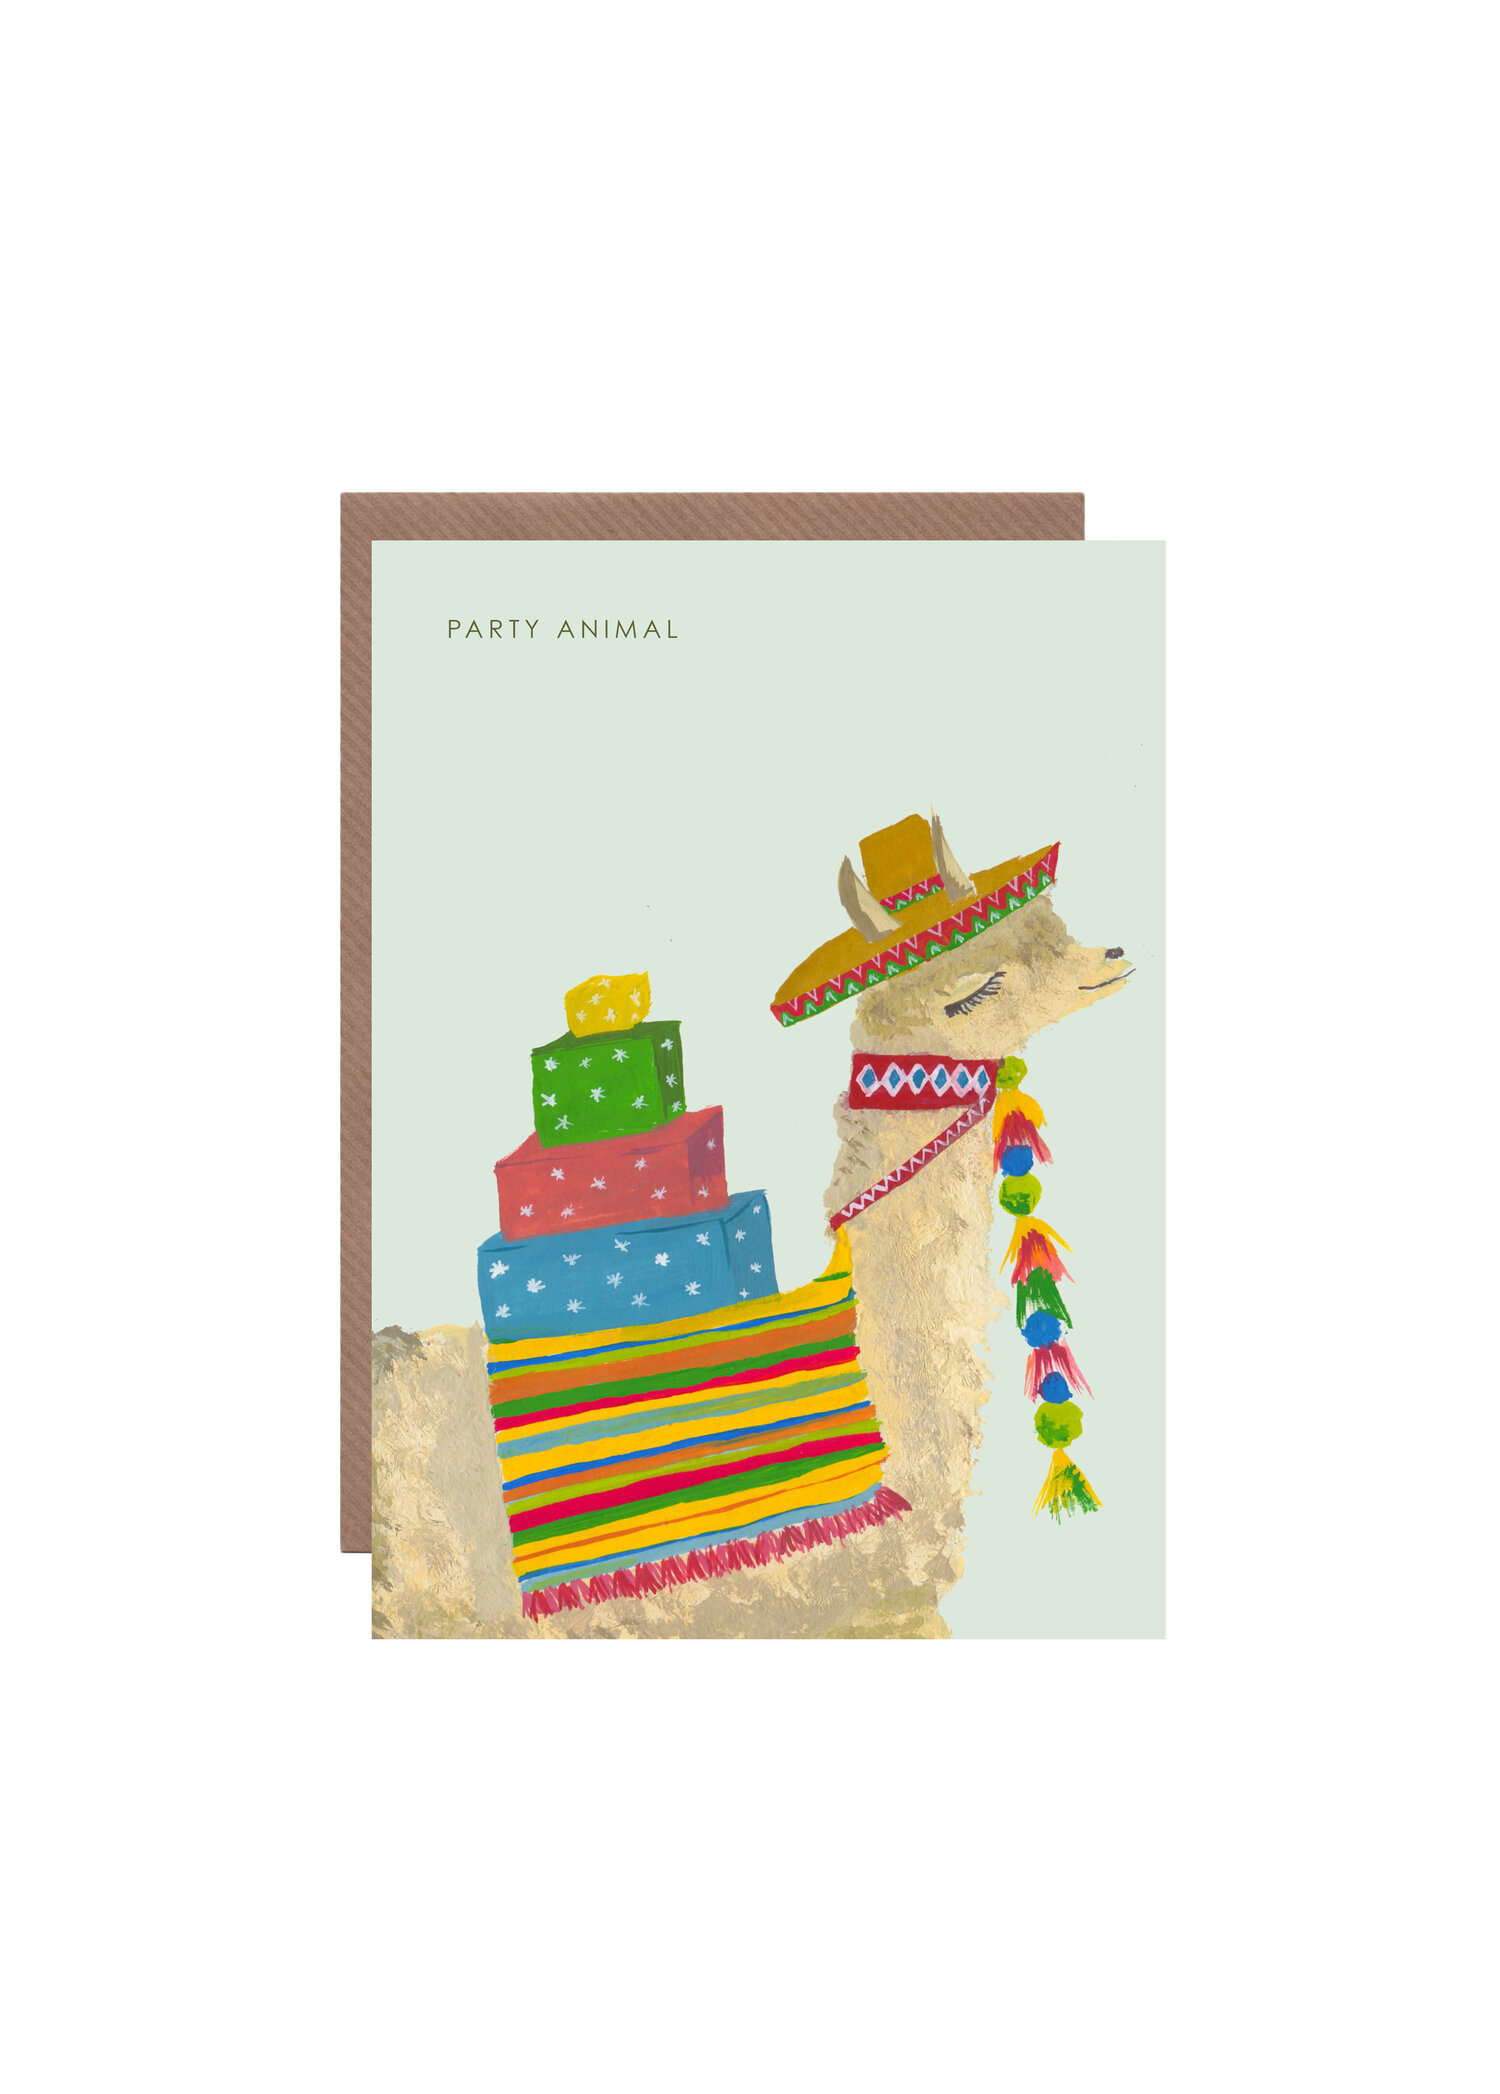 PARTY LLAMA BIRTHDAY CARD HUTCH CASSIDY